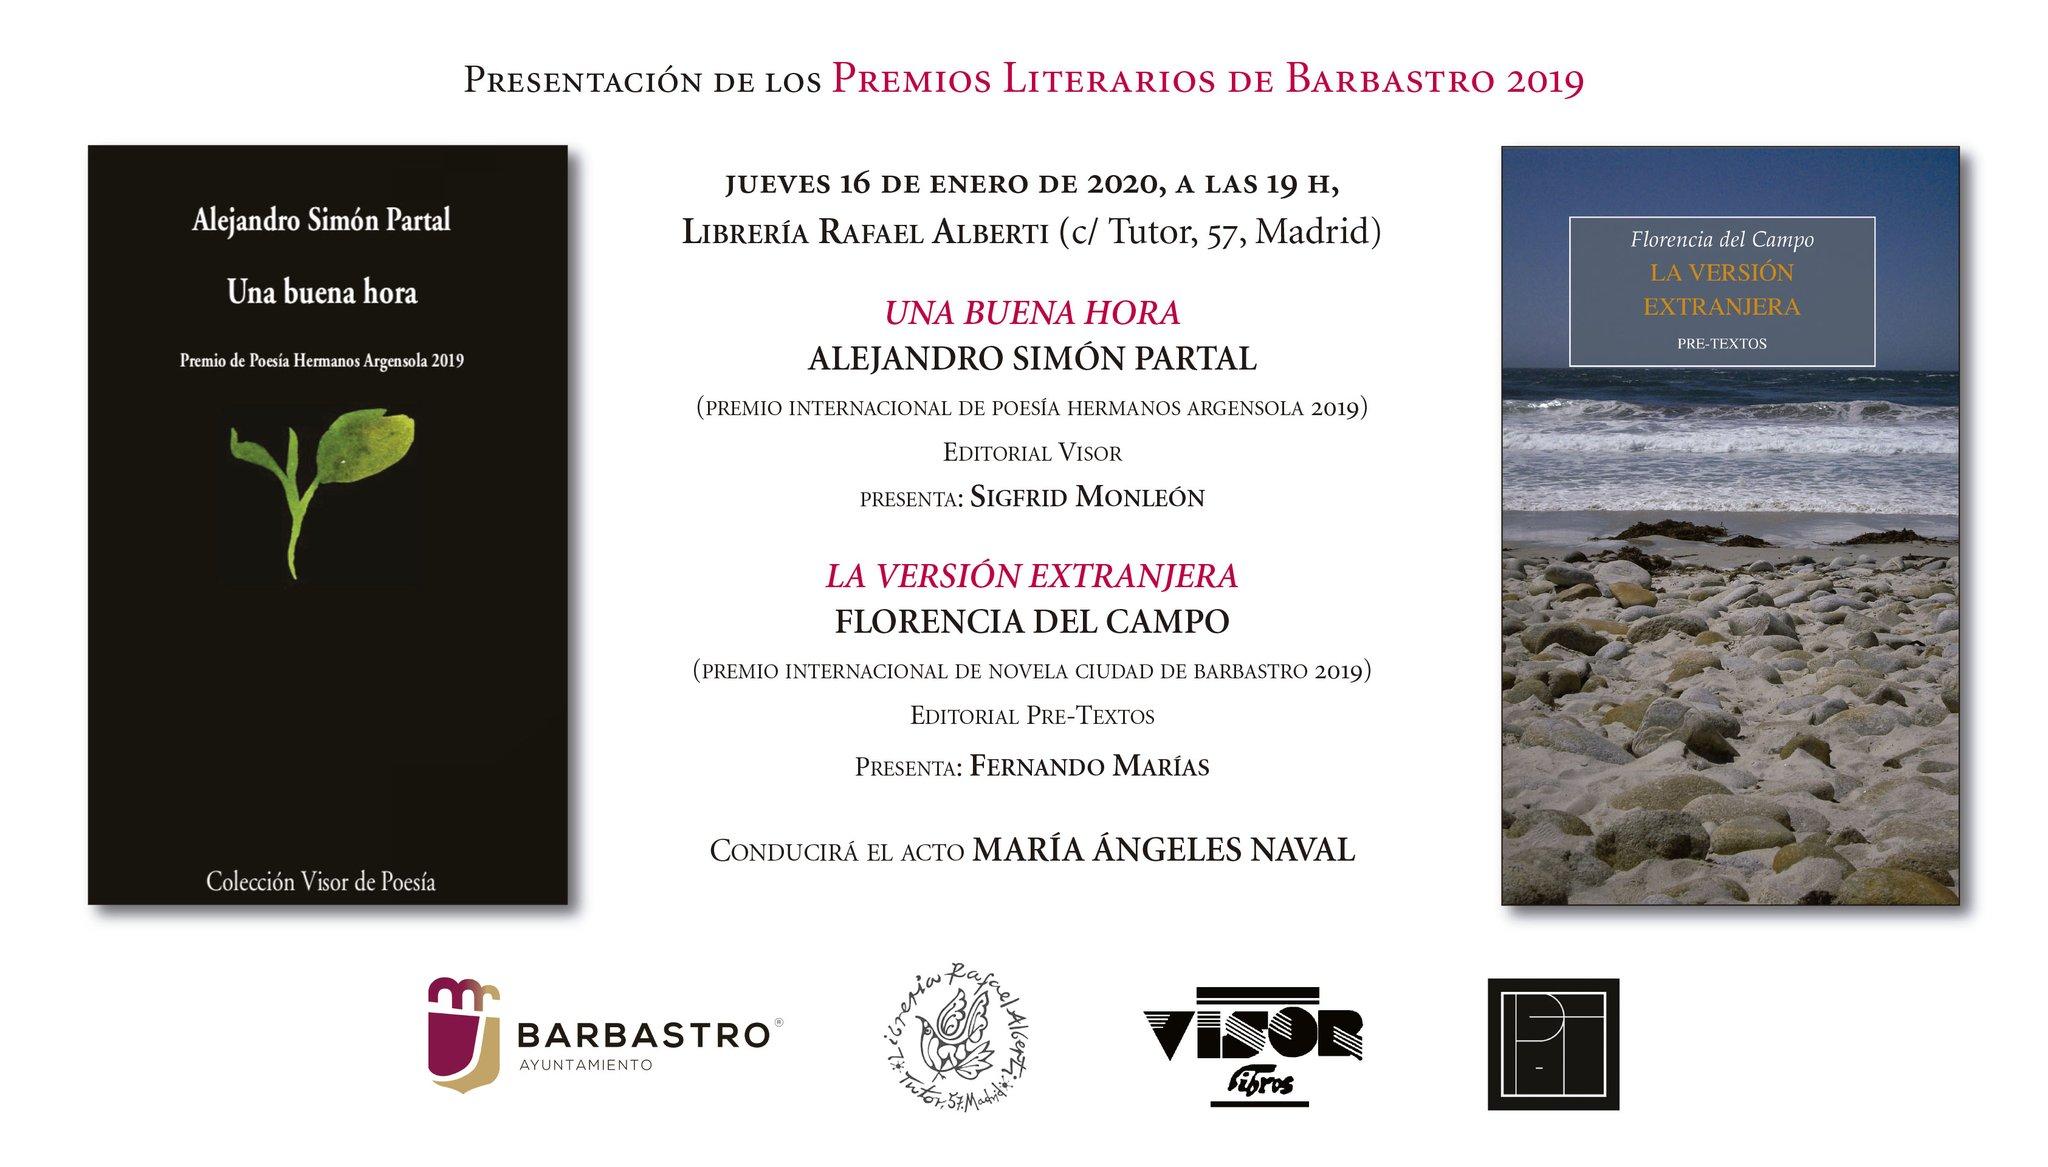 alberti Premios Literarios de Barbastro 2019